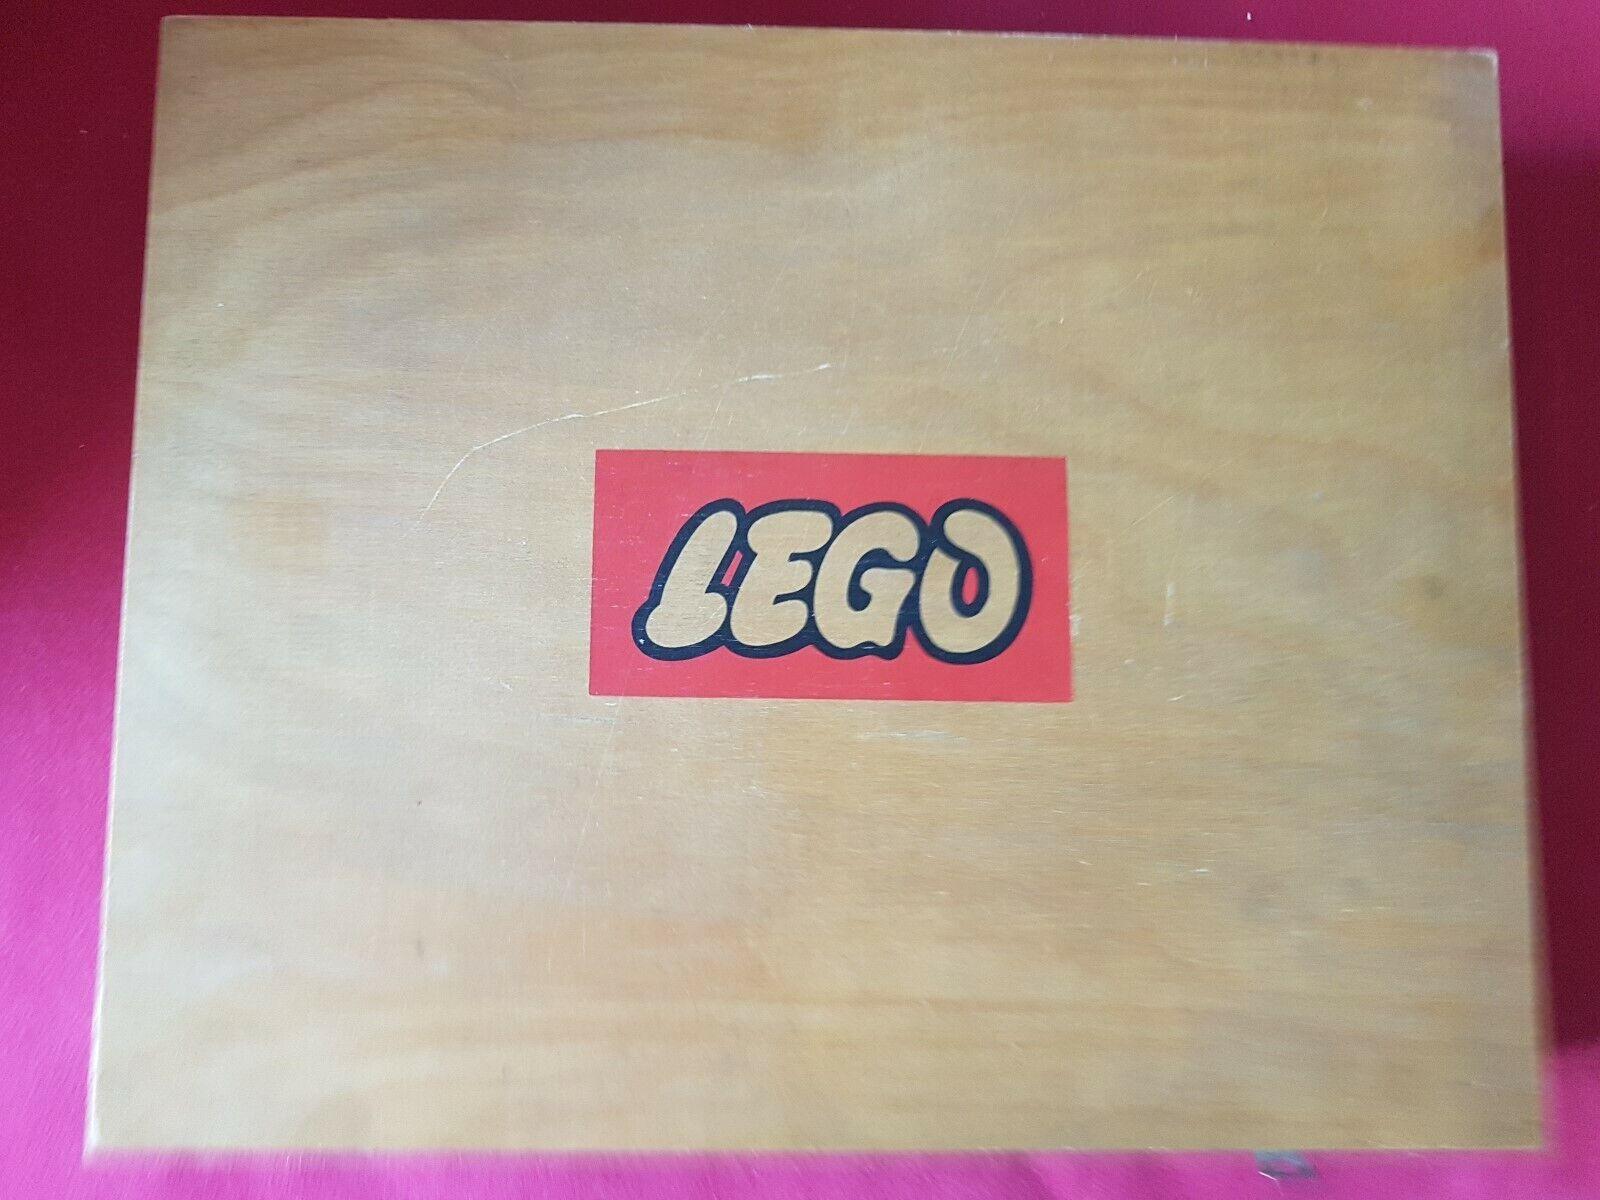 Lego  alte Sortierkästen, Holz, leer  46,5 x 37,5 x 7,5 cm  4 von 4